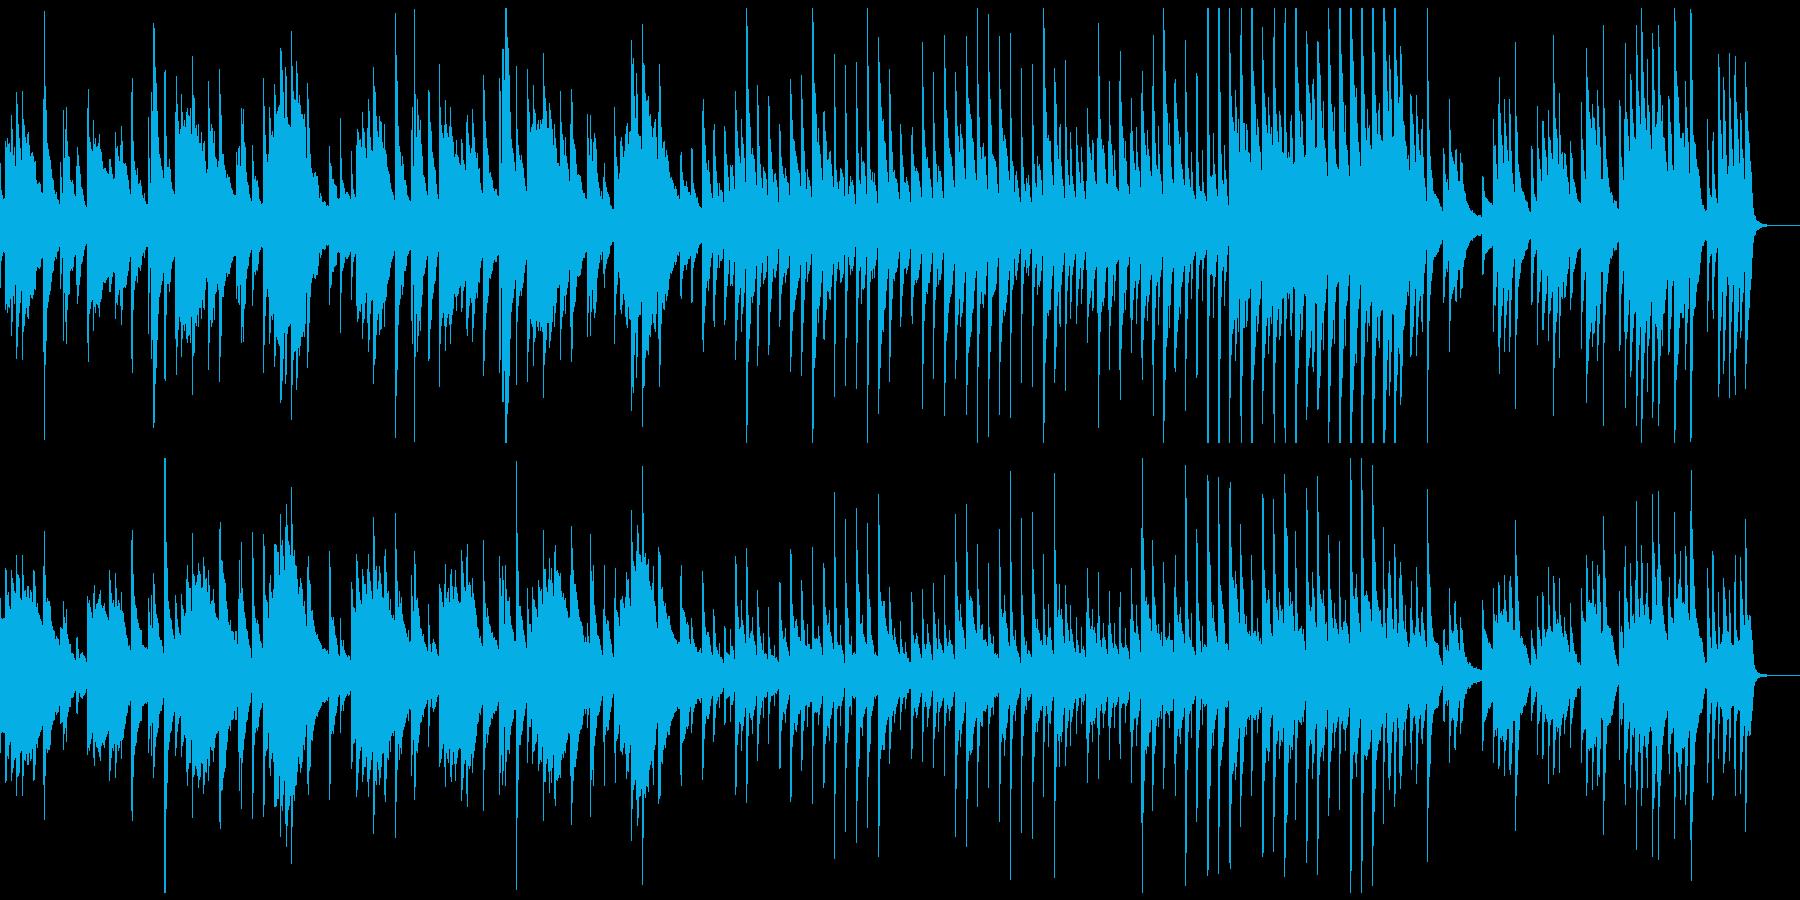 暗く悲しい雰囲気のピアノソロ曲の再生済みの波形